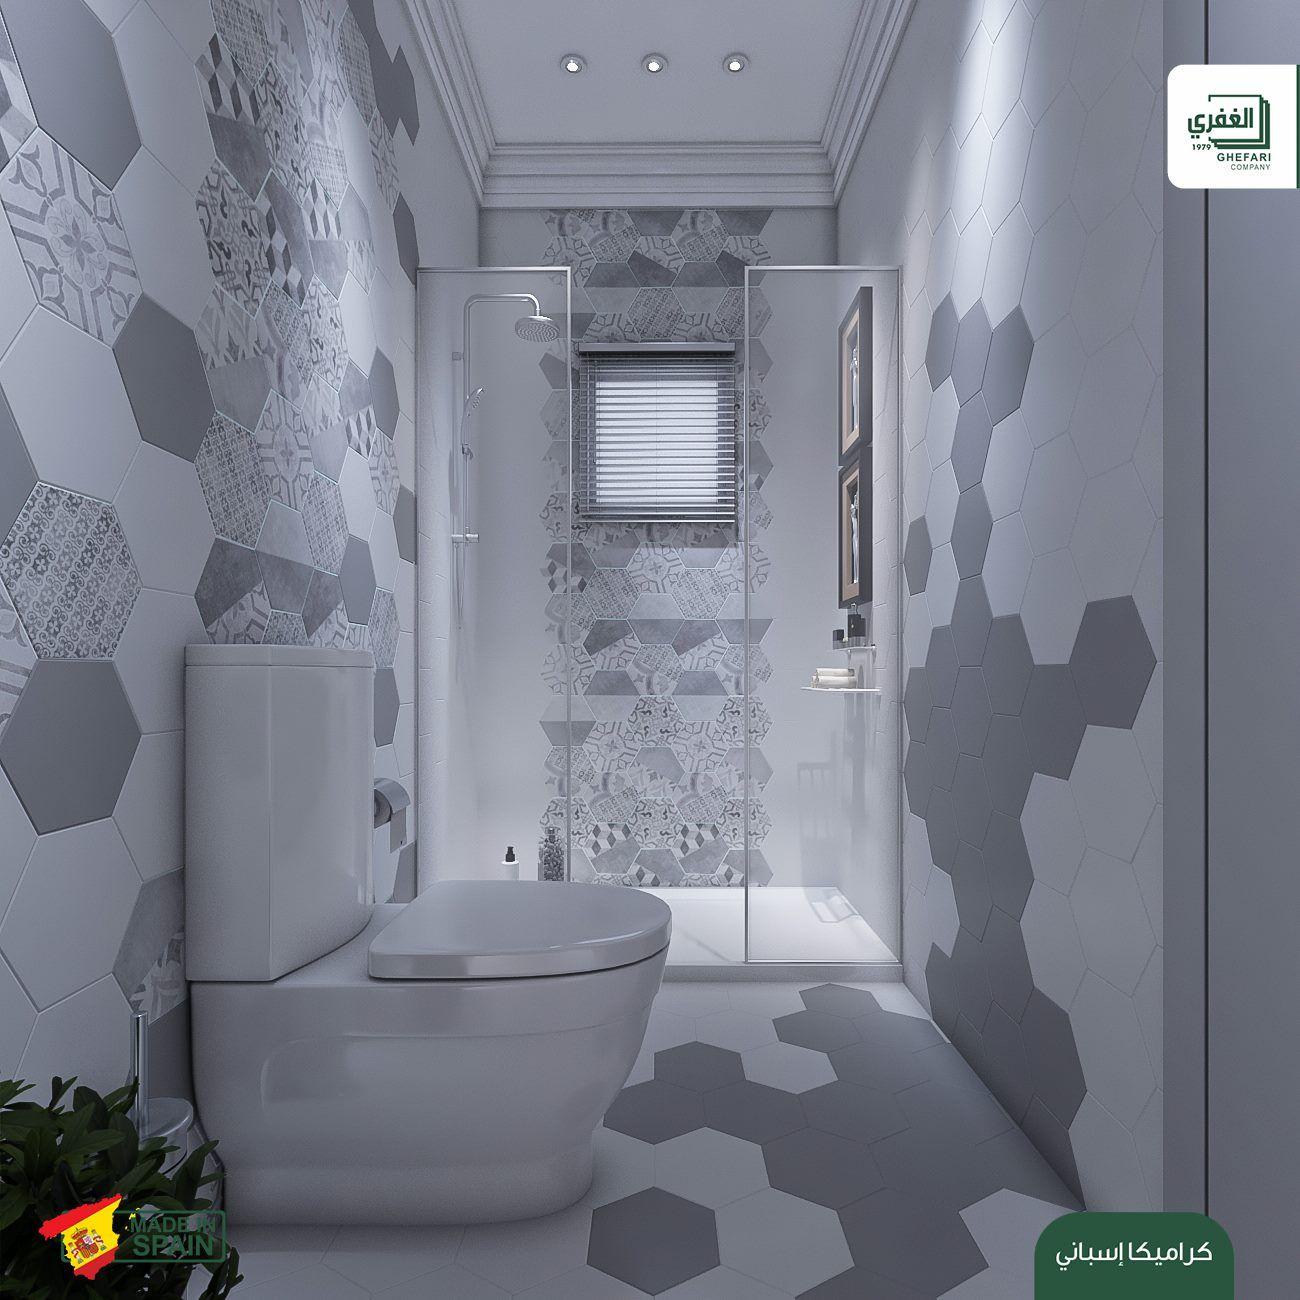 موقع الشركة Http Www Ghefari Com الرقم المجاني 1700 25 26 27 Bathroom Toilet